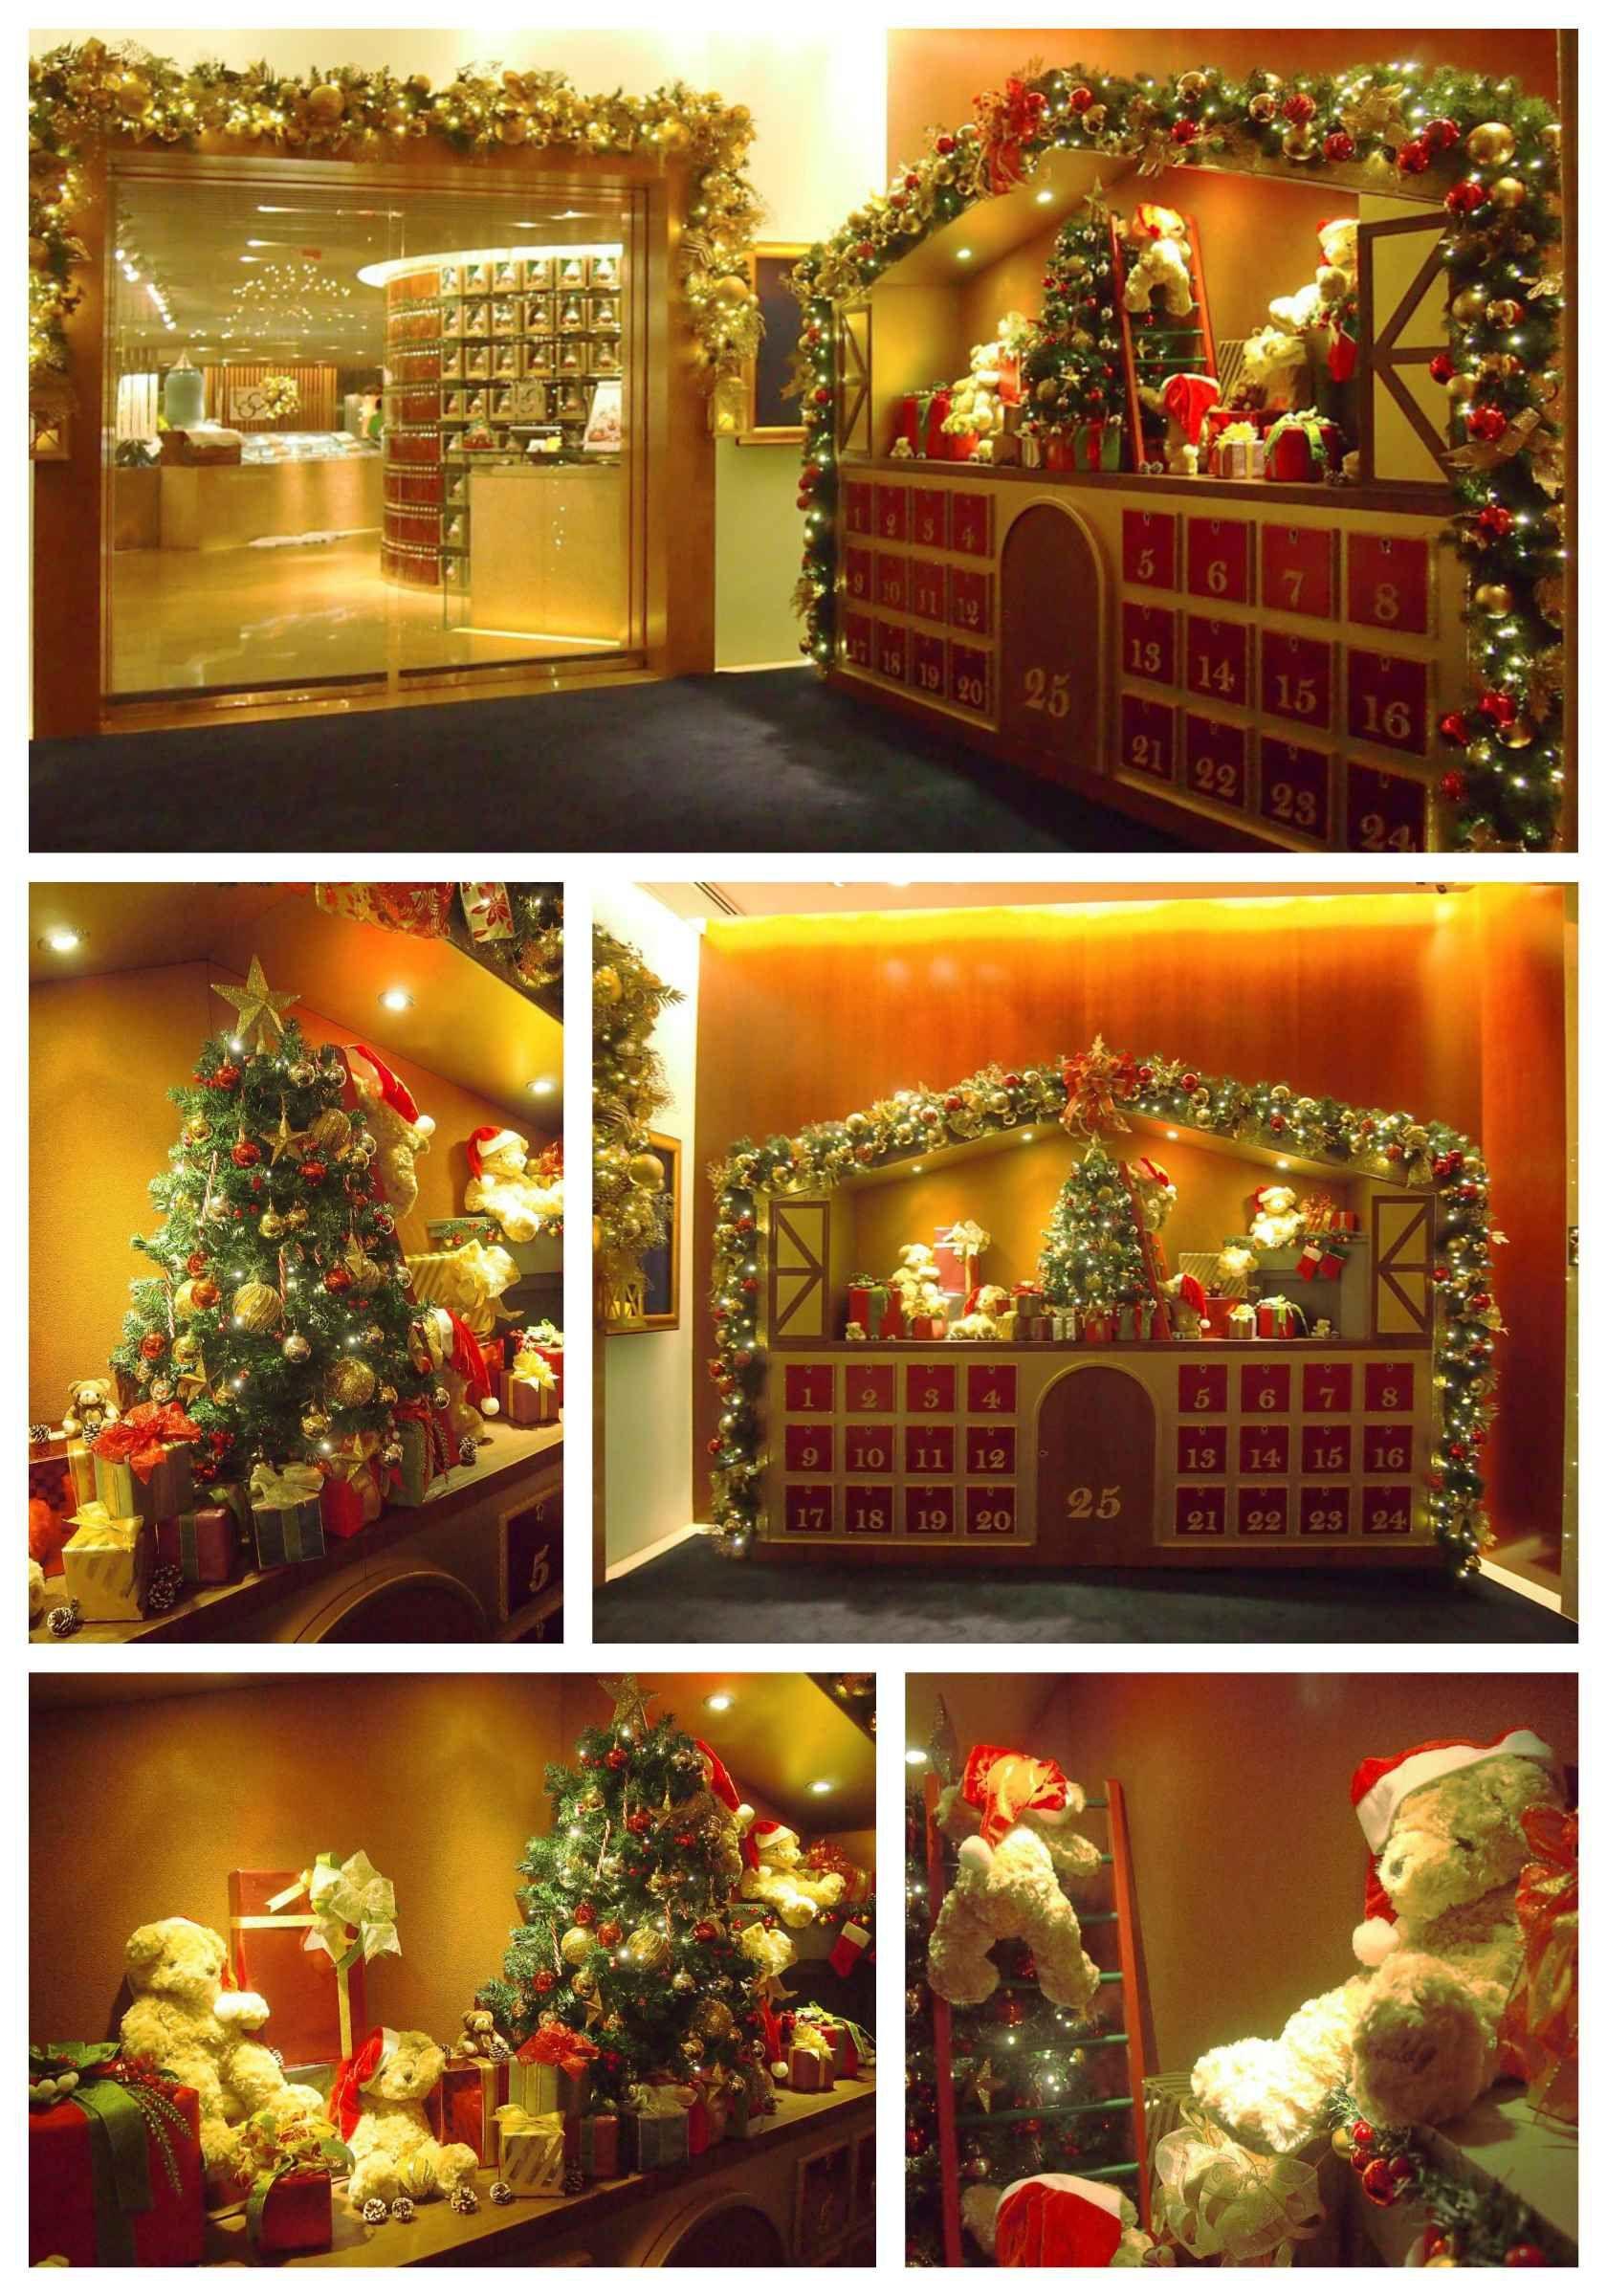 Island Shangri La Hong Kong Christmas Decoration Christmas Decorations Christmas Holiday Decor